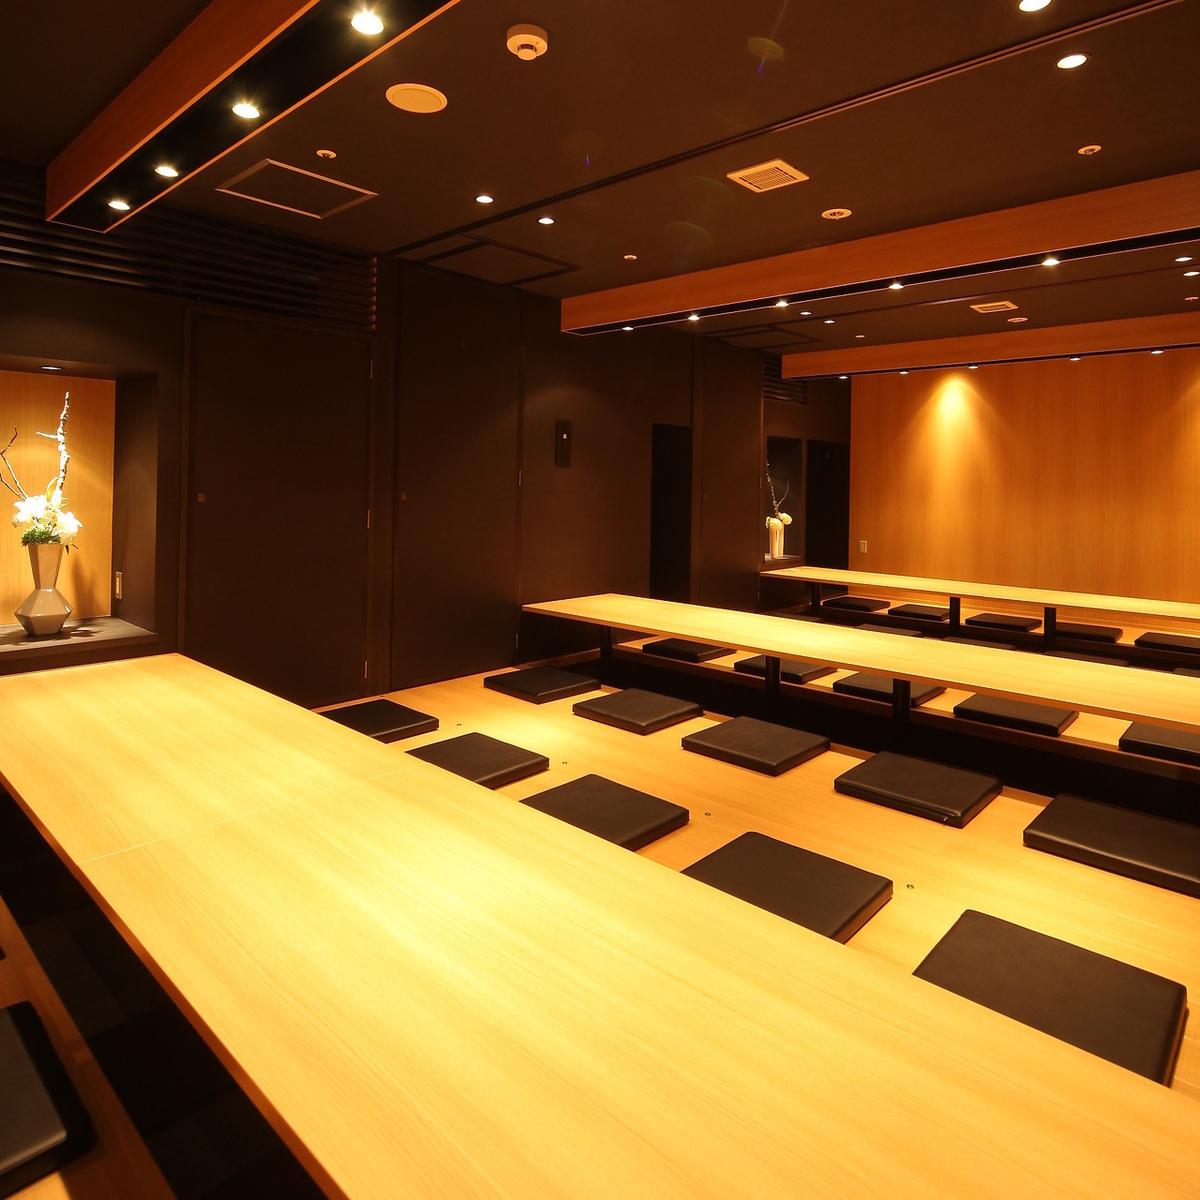 宽敞的宴会空间。可容纳12至40人。